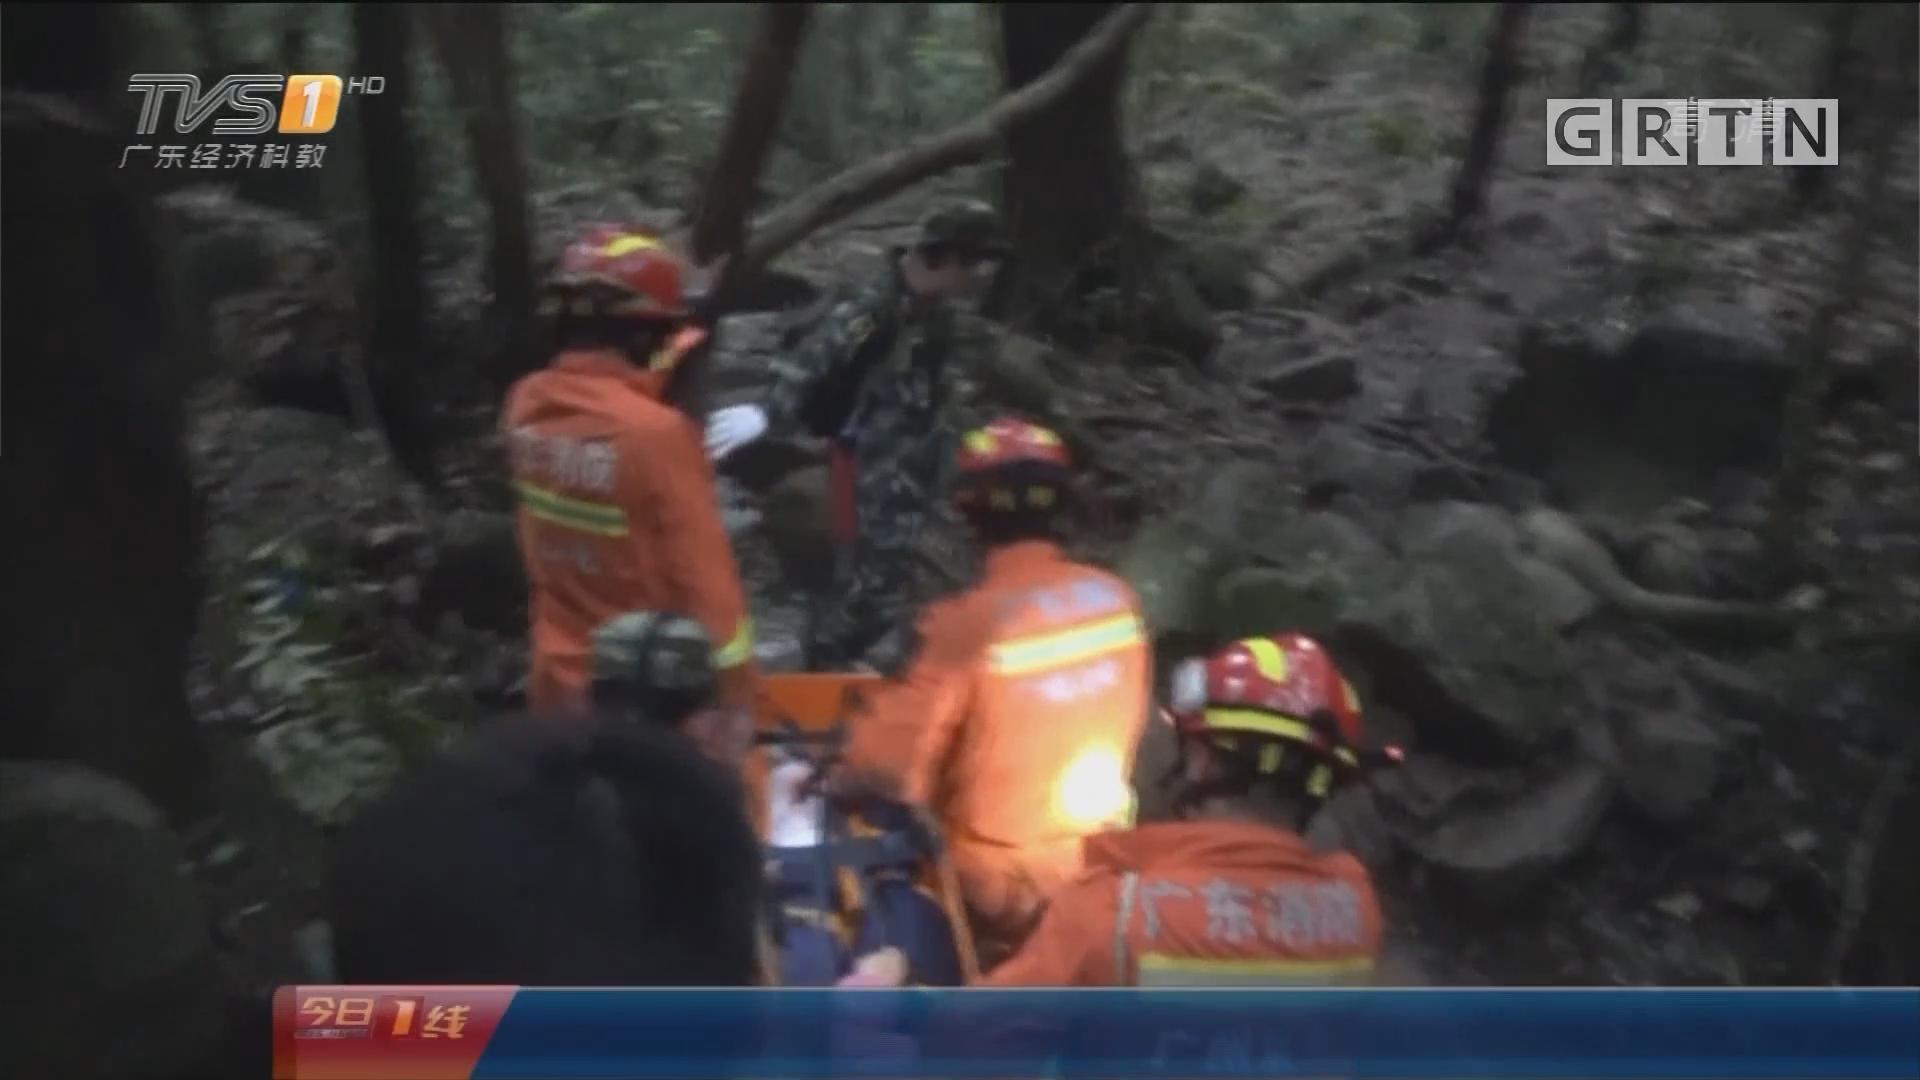 广州从化区:驴友登山崴脚被困 消防徒步前往救援